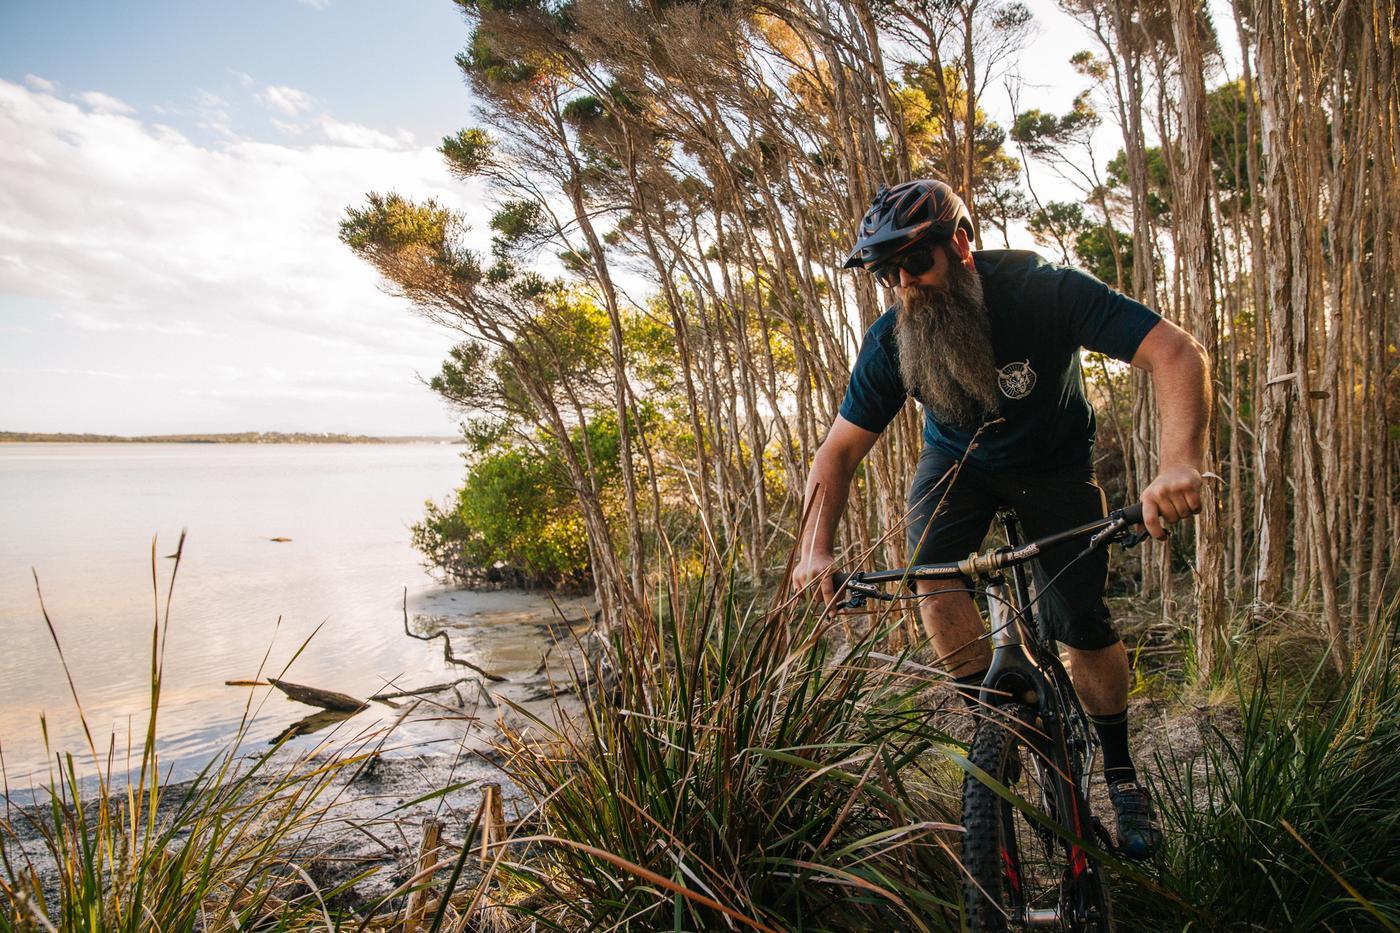 Jimi through the tea trees, with a view of the Tasman sea.